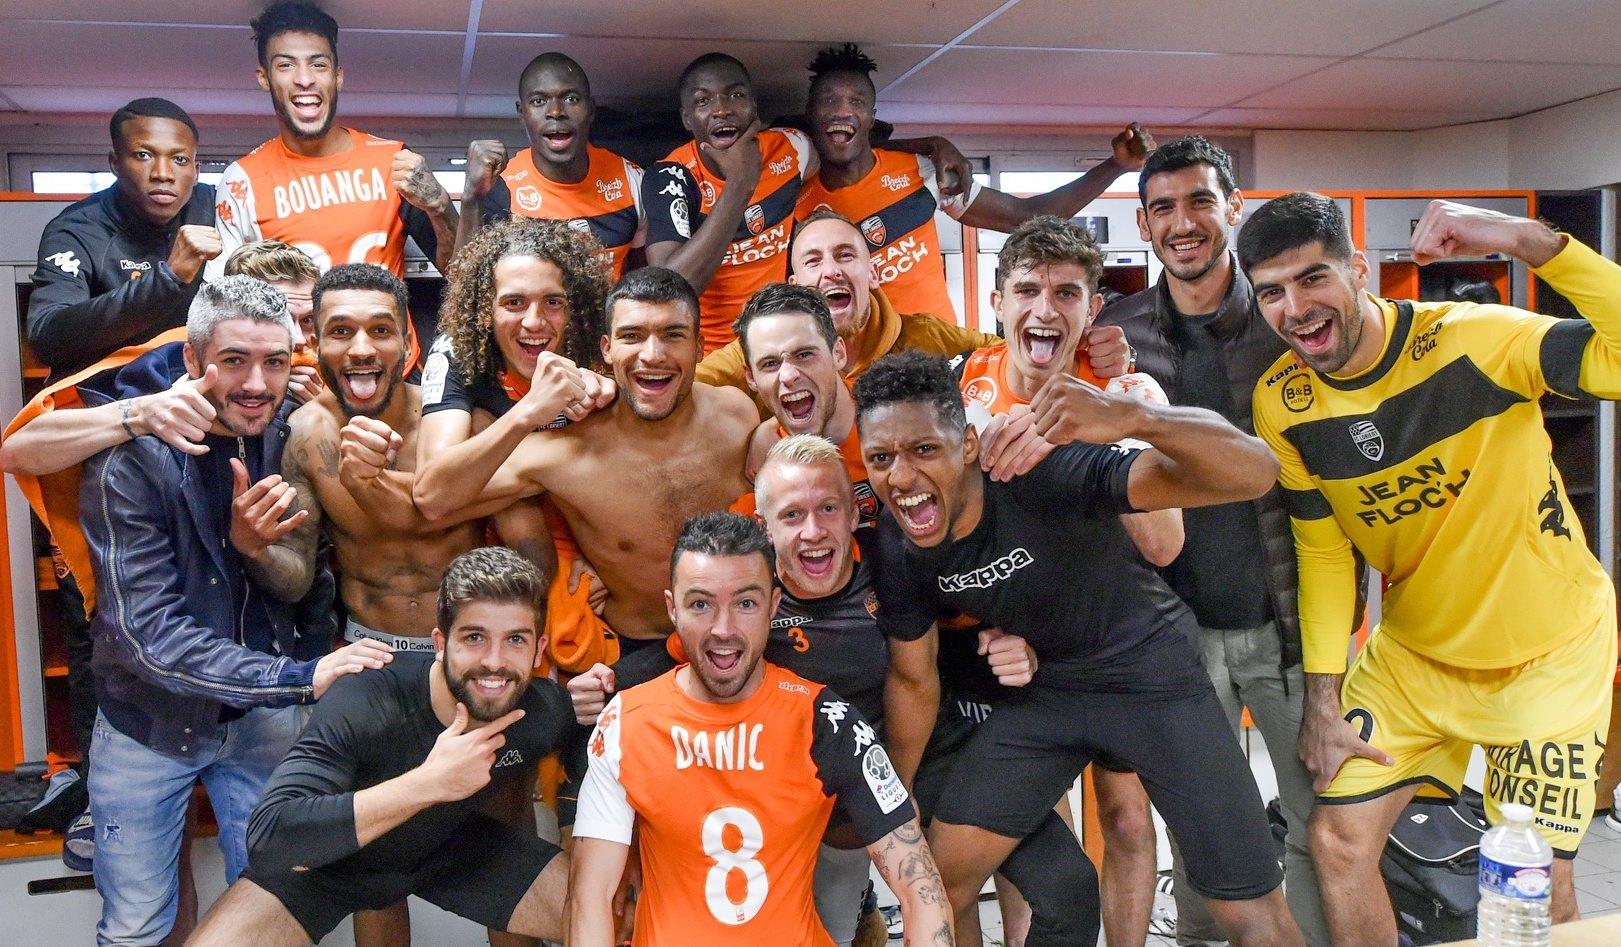 Lorient-Sochaux 10 maggio: match valido per la 37 esima e penultima giornata della Serie B francese. Squadre ancora con obiettivi.